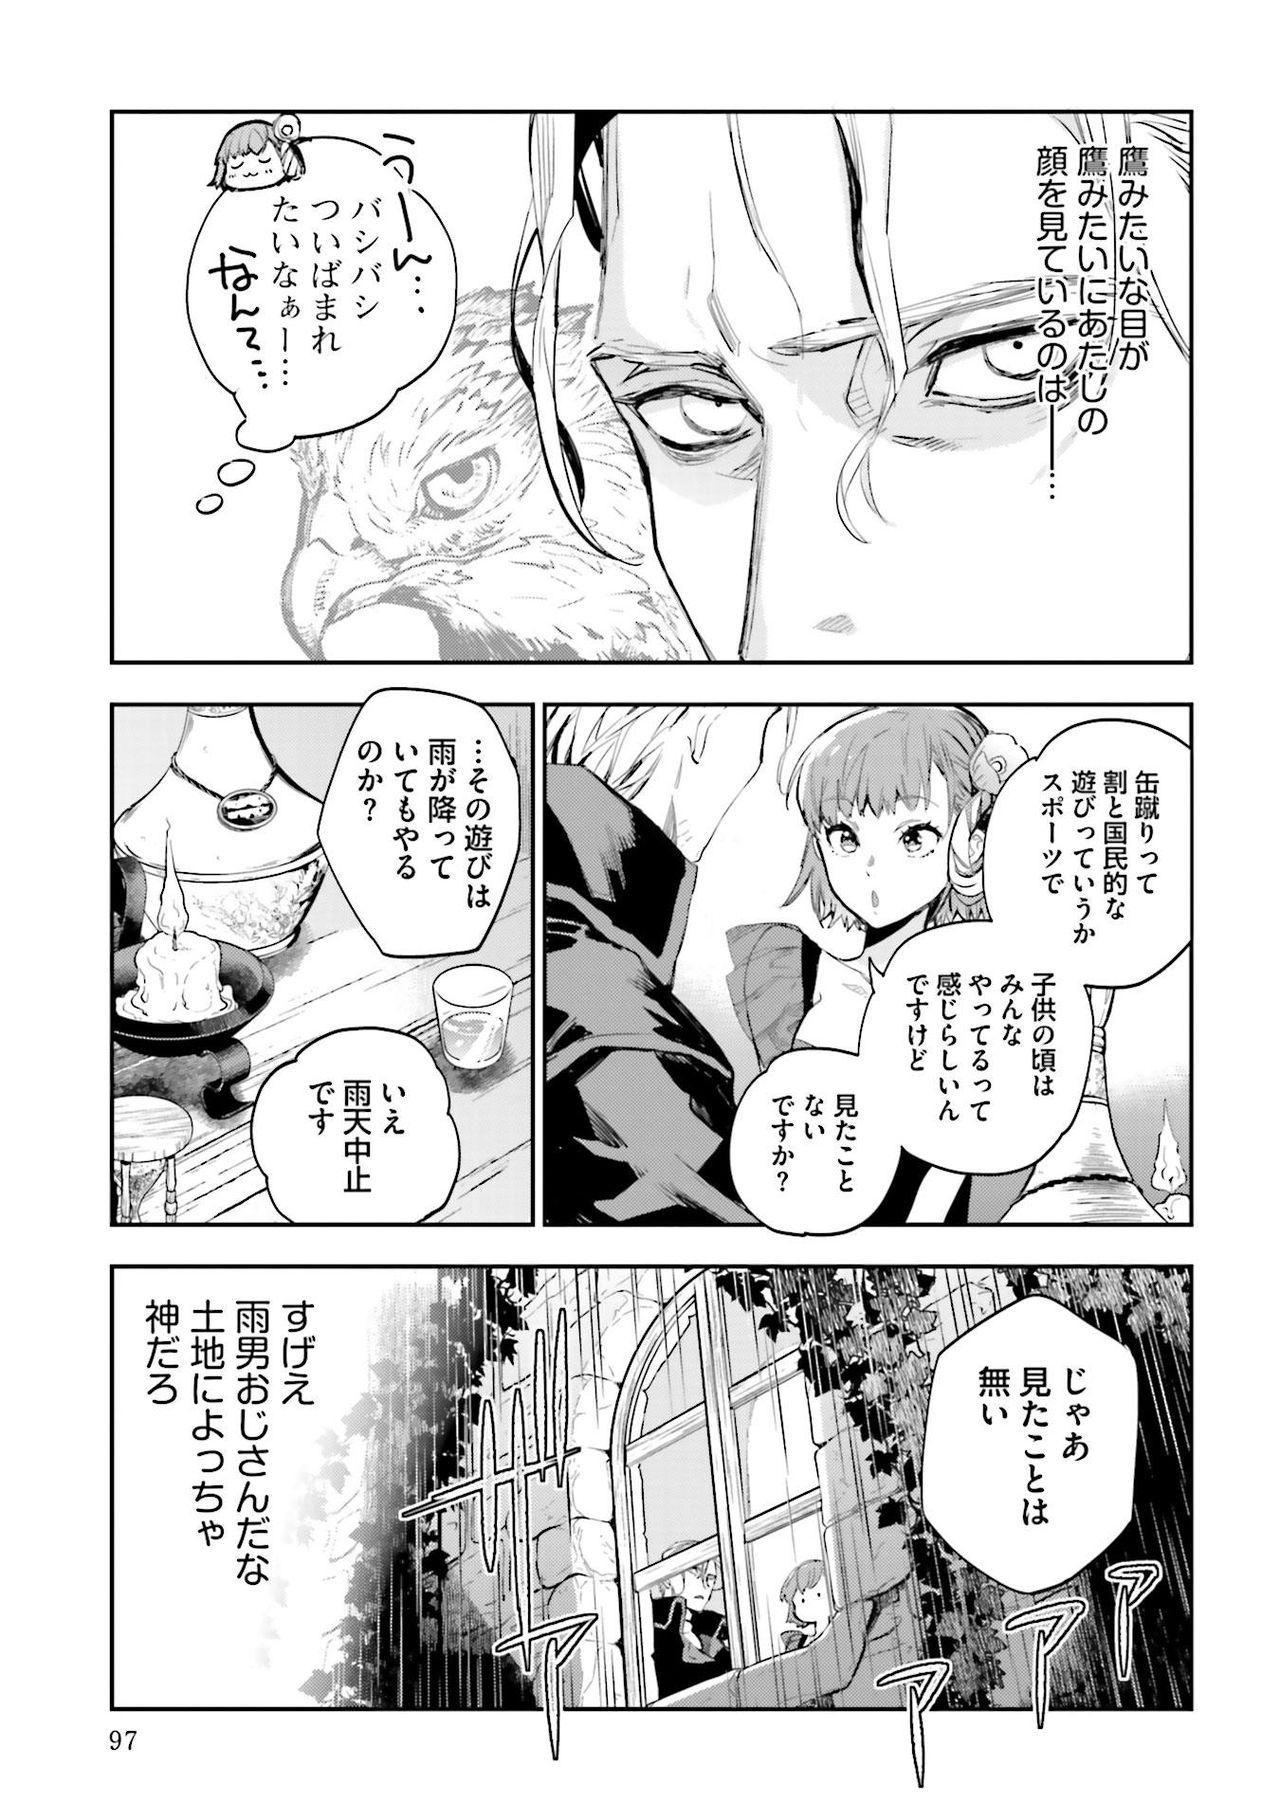 JK Haru wa Isekai de Shoufu ni Natta 1-14 456